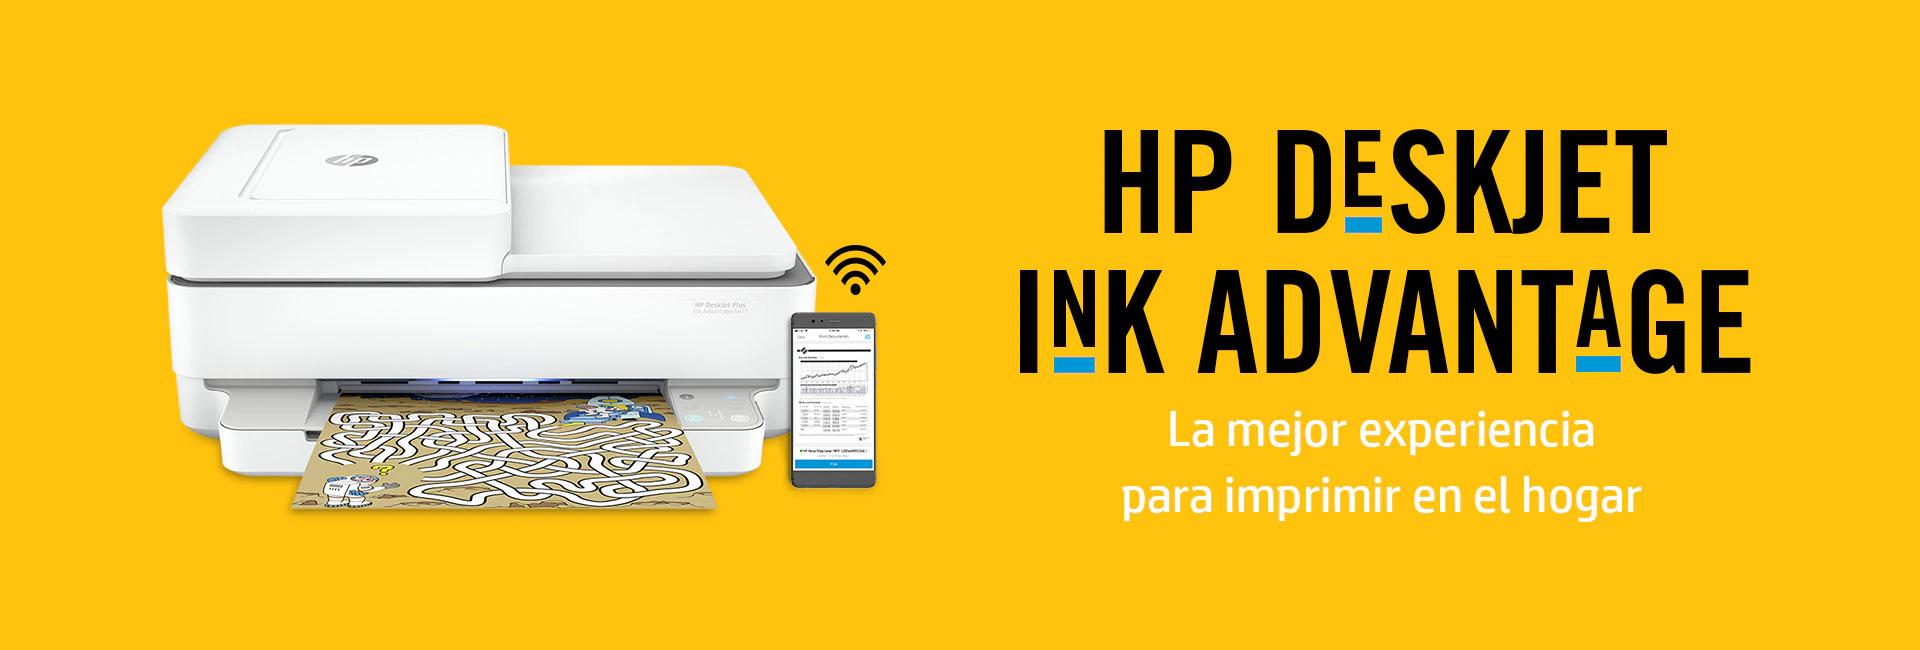 HP Deskjet Ink Advantage. La mejor experiencia para imprimir en el hogar